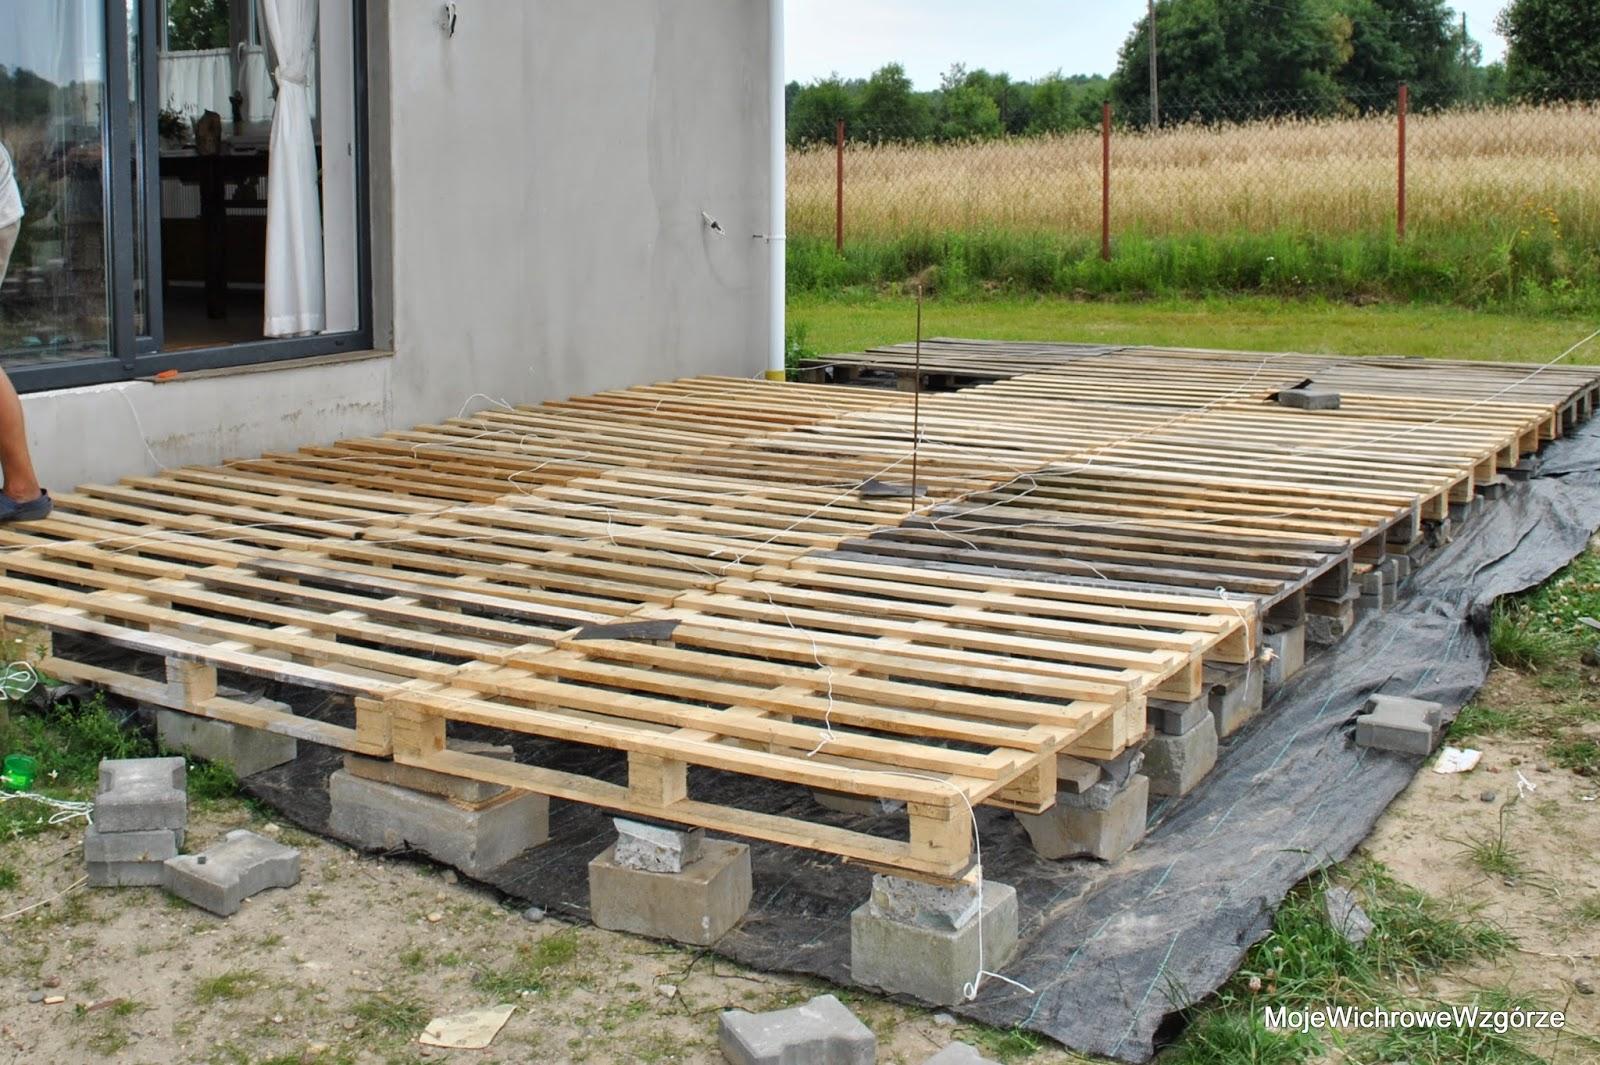 Jak Zrobic Meble Ogrodowe Z Palet Drewnianych : ułożone palety przykryliśmy deskami i tu uwaga nie kupowaliśmy